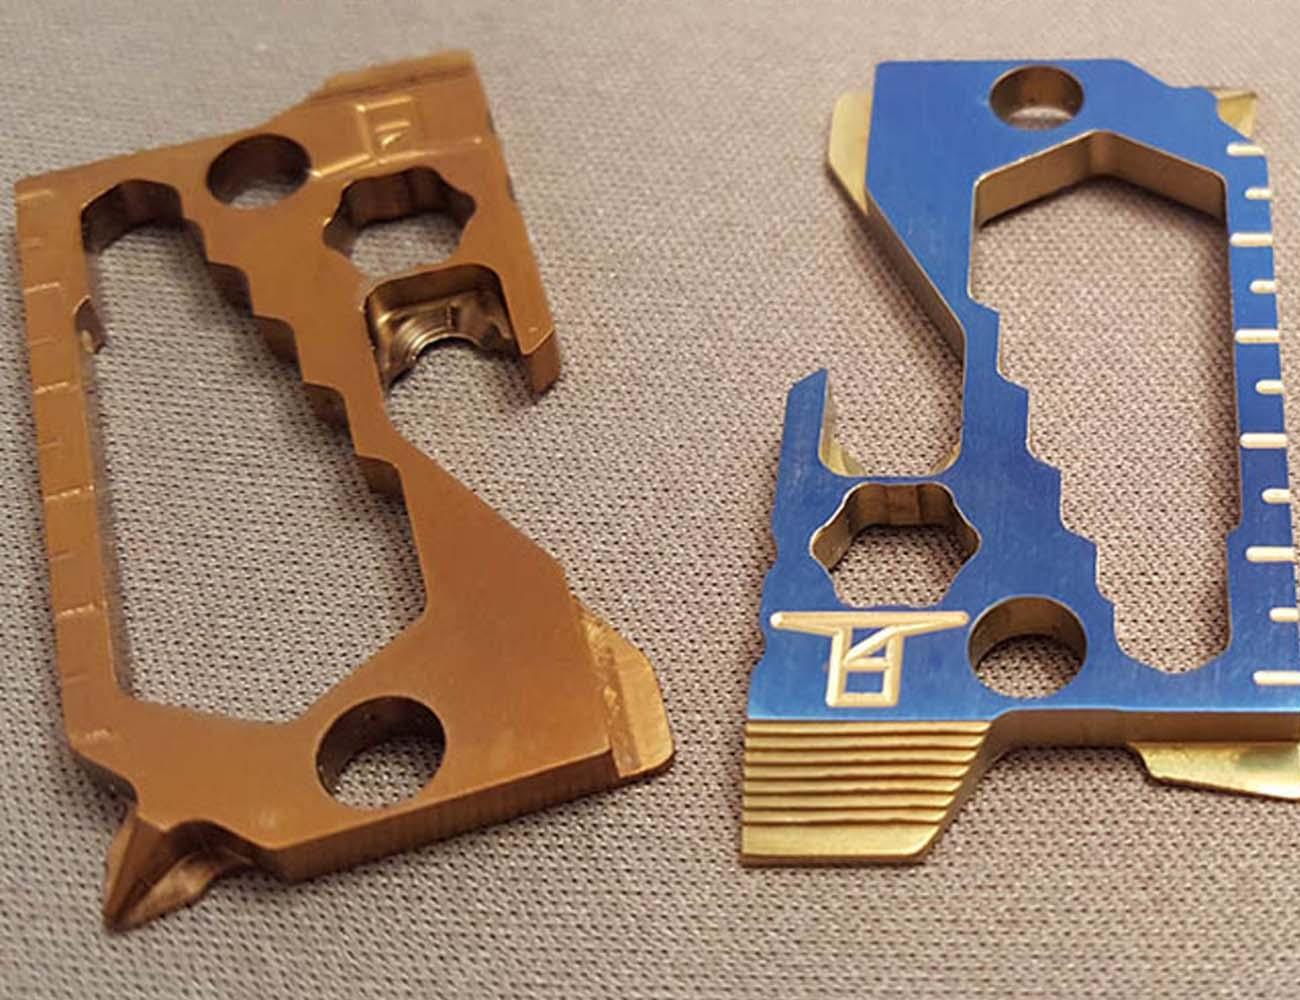 T4+Titanium+Multi+Tool